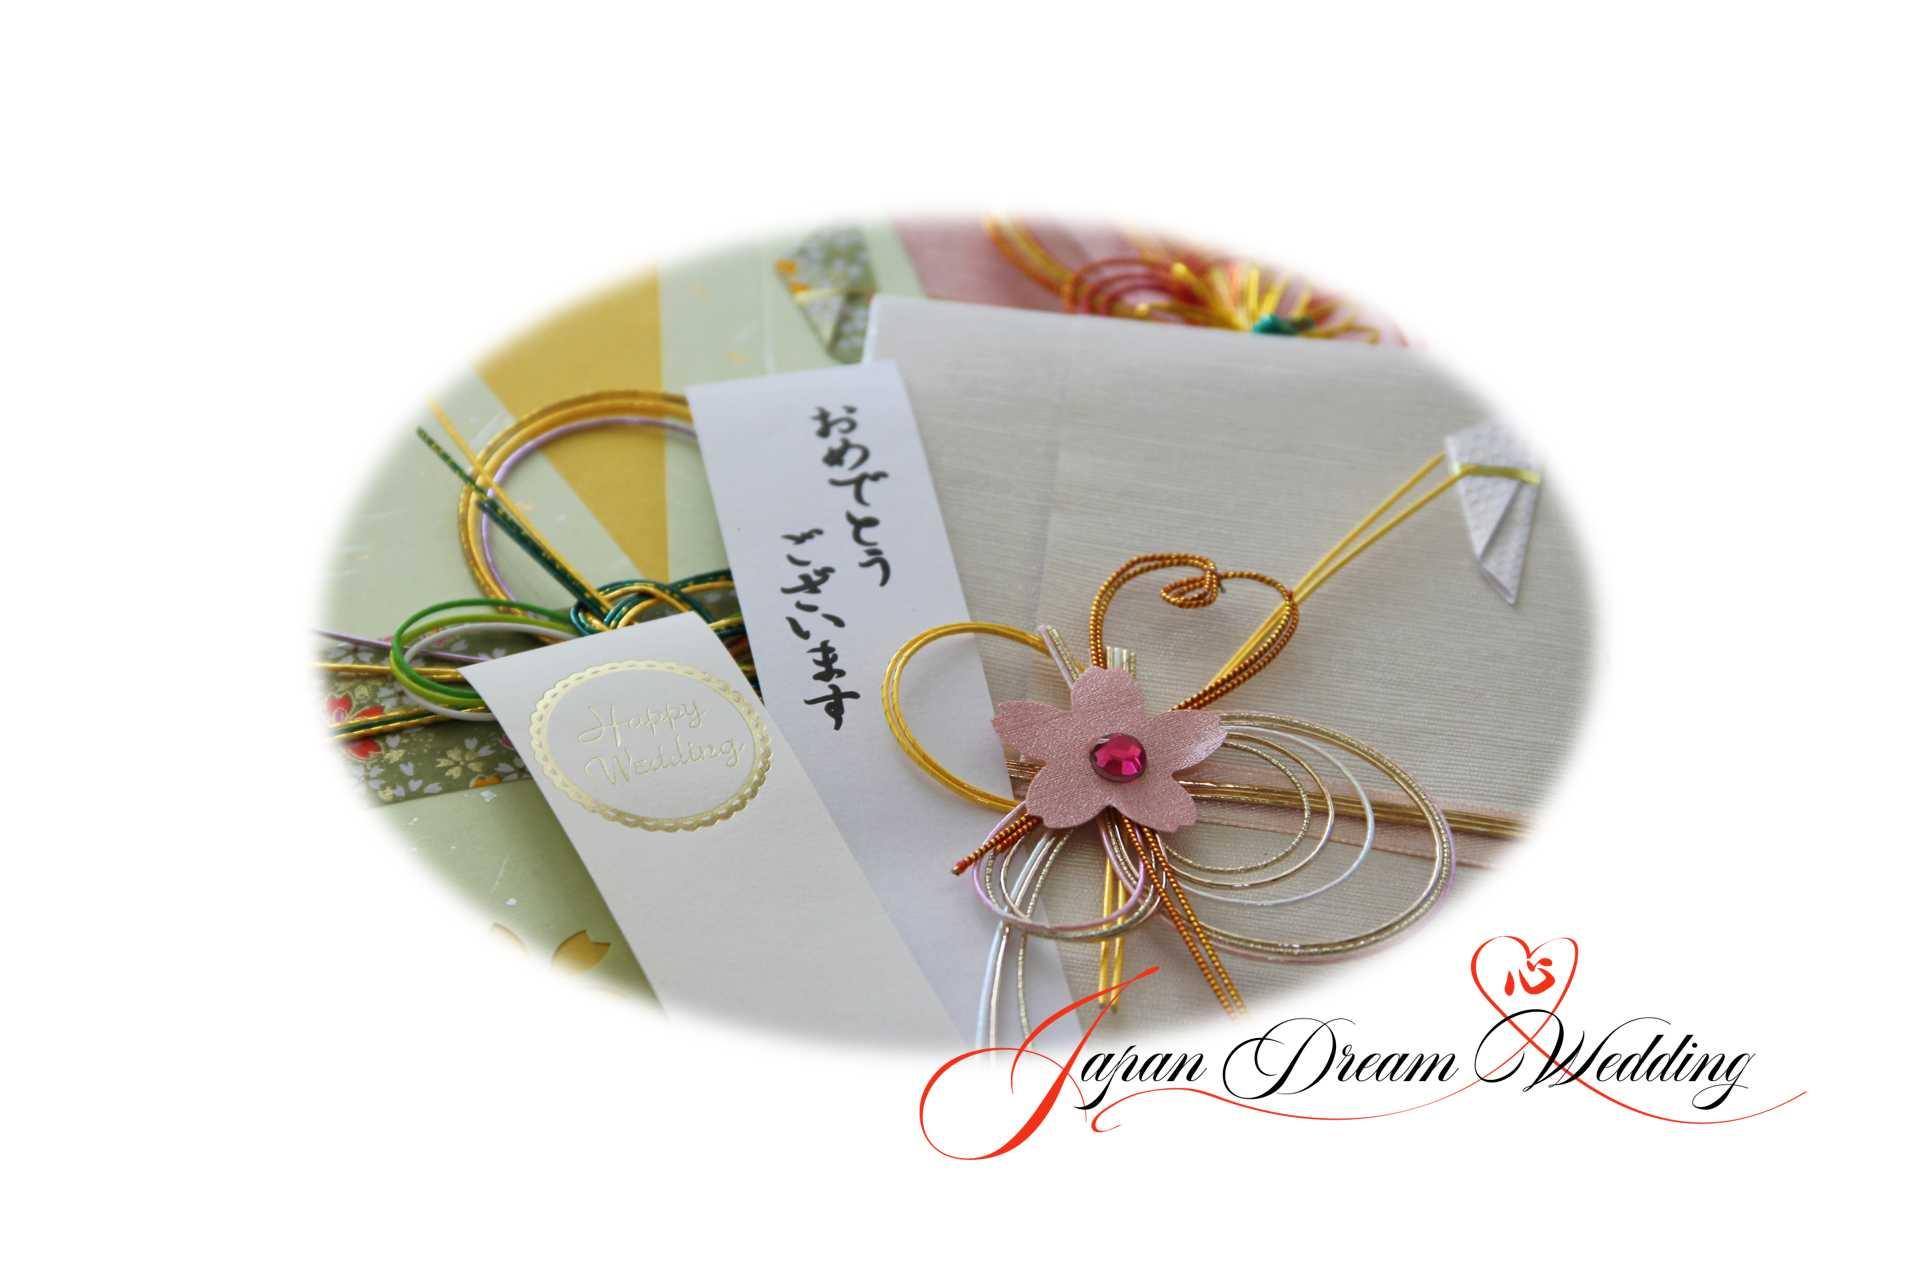 Japan Dream Wedding-Culture-Wedding Gifts